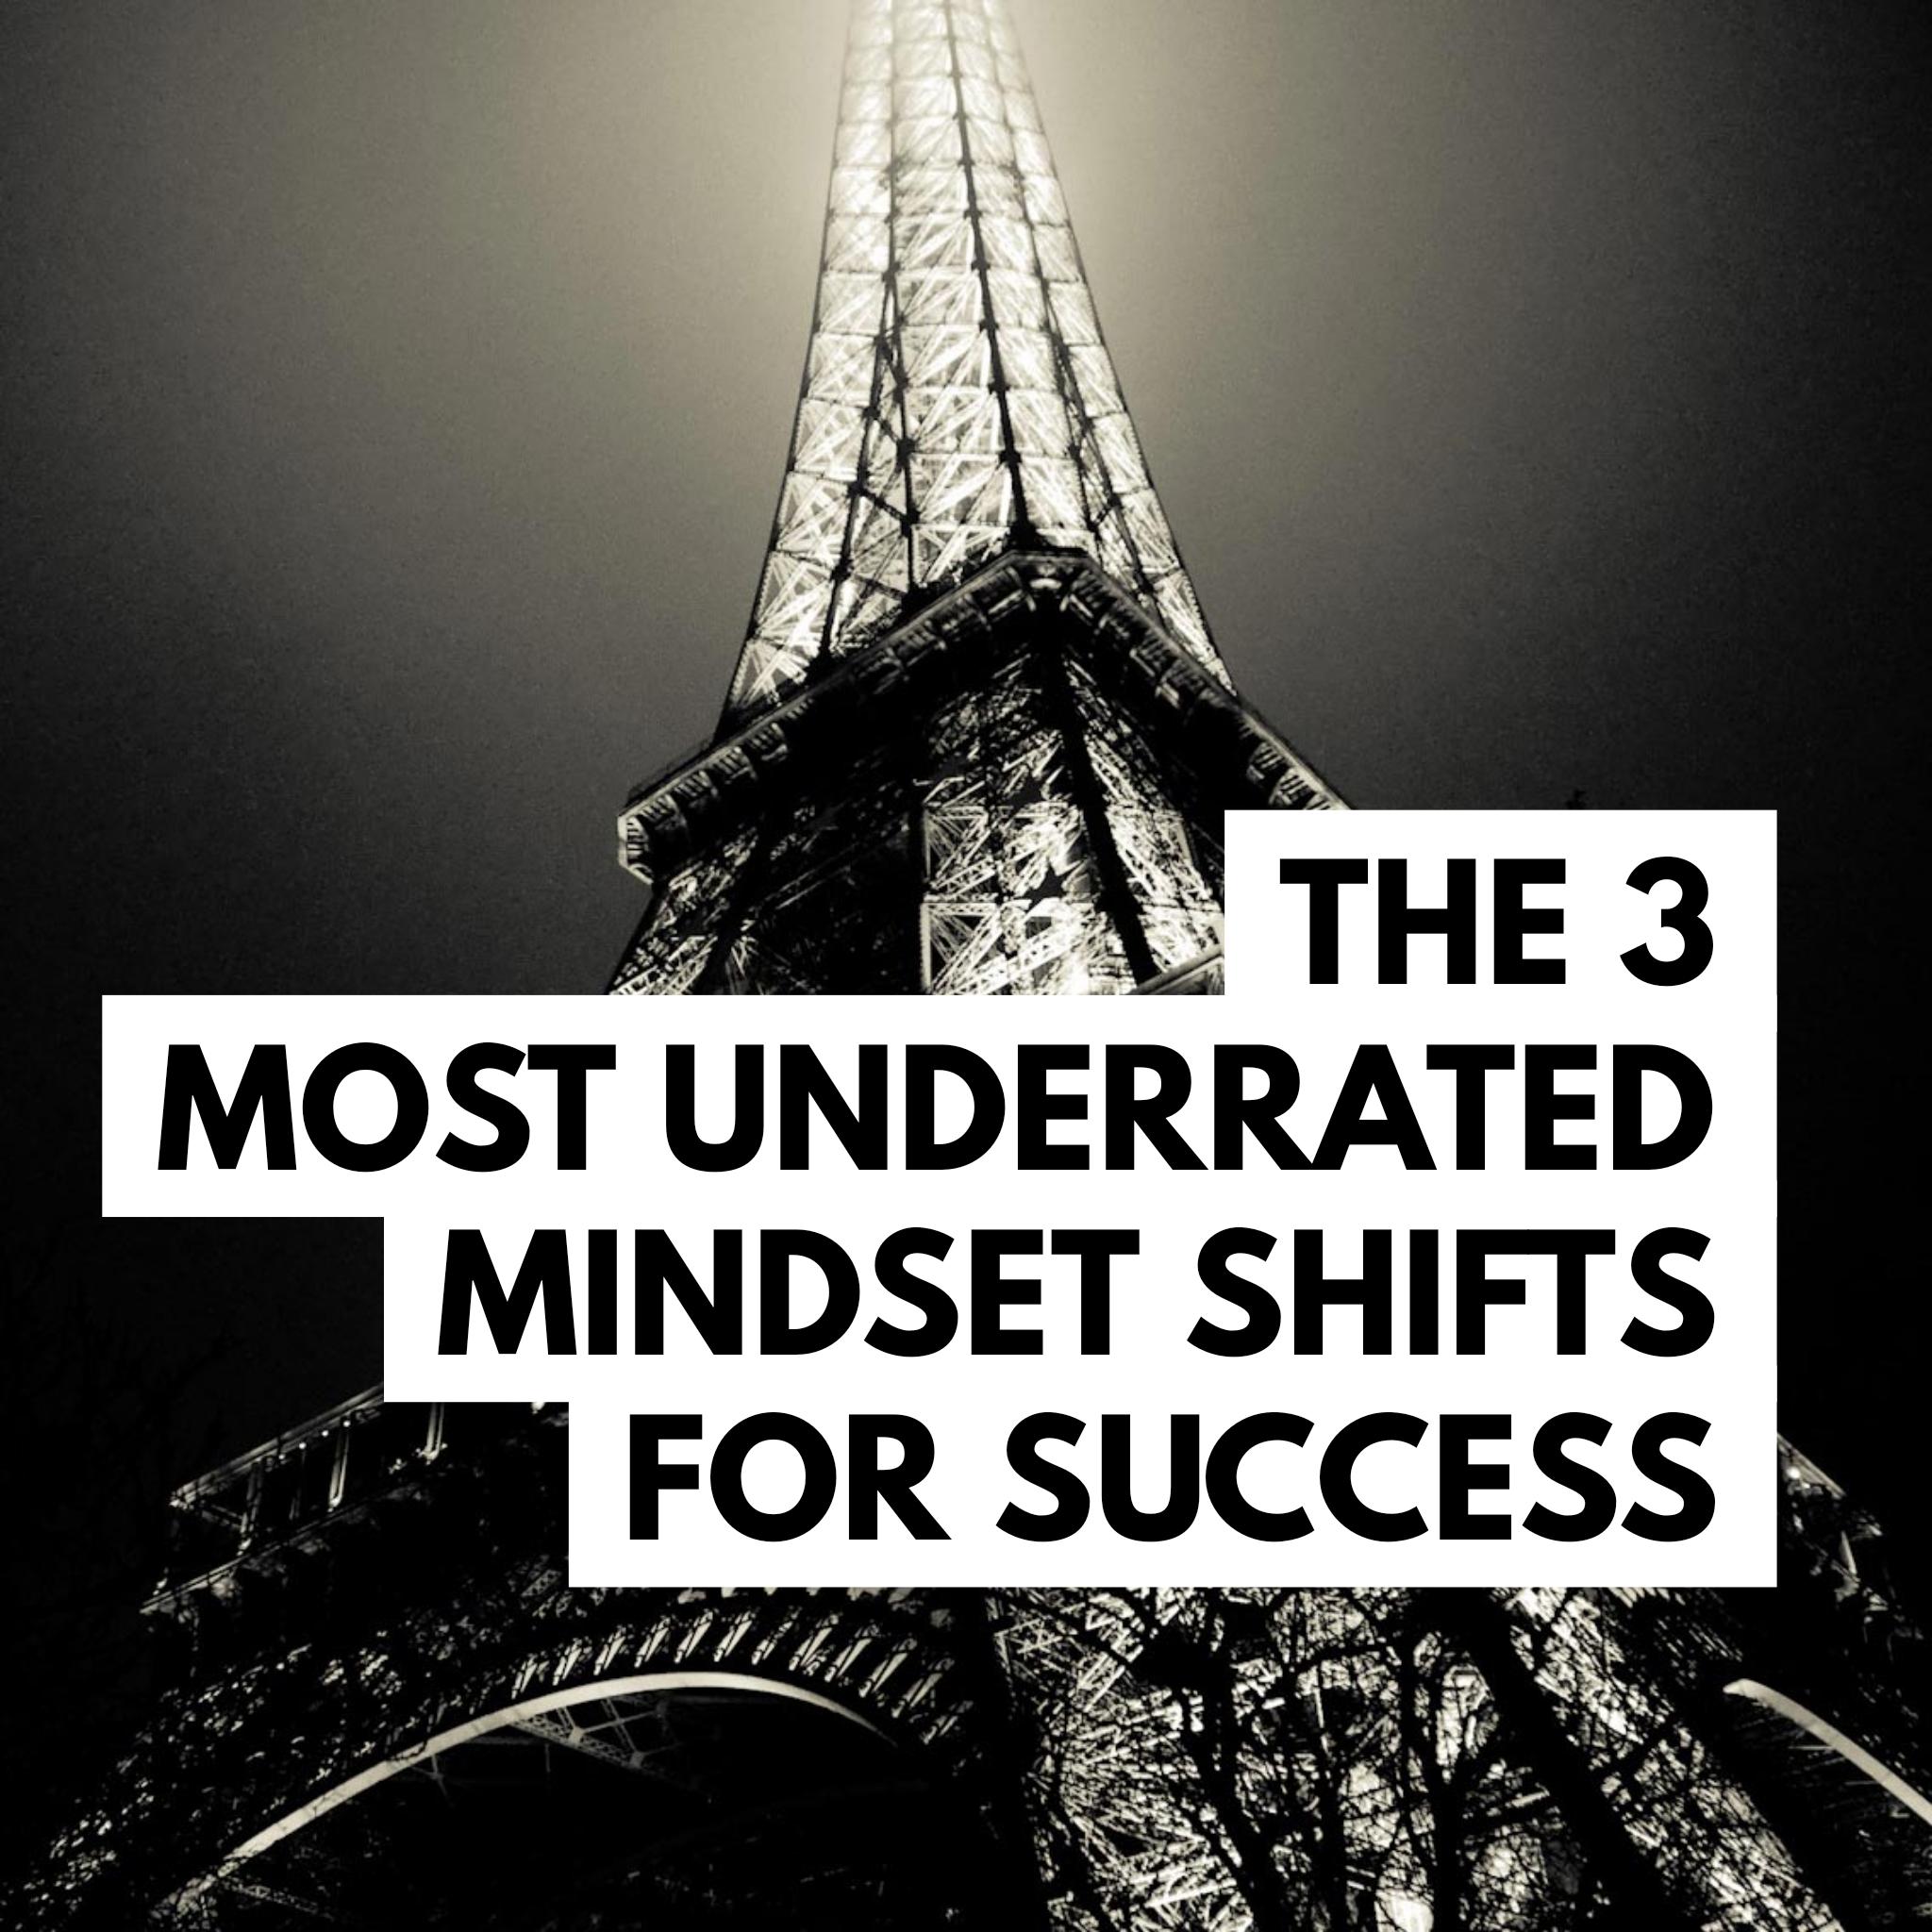 mindset_shifts_for_success_blog.png